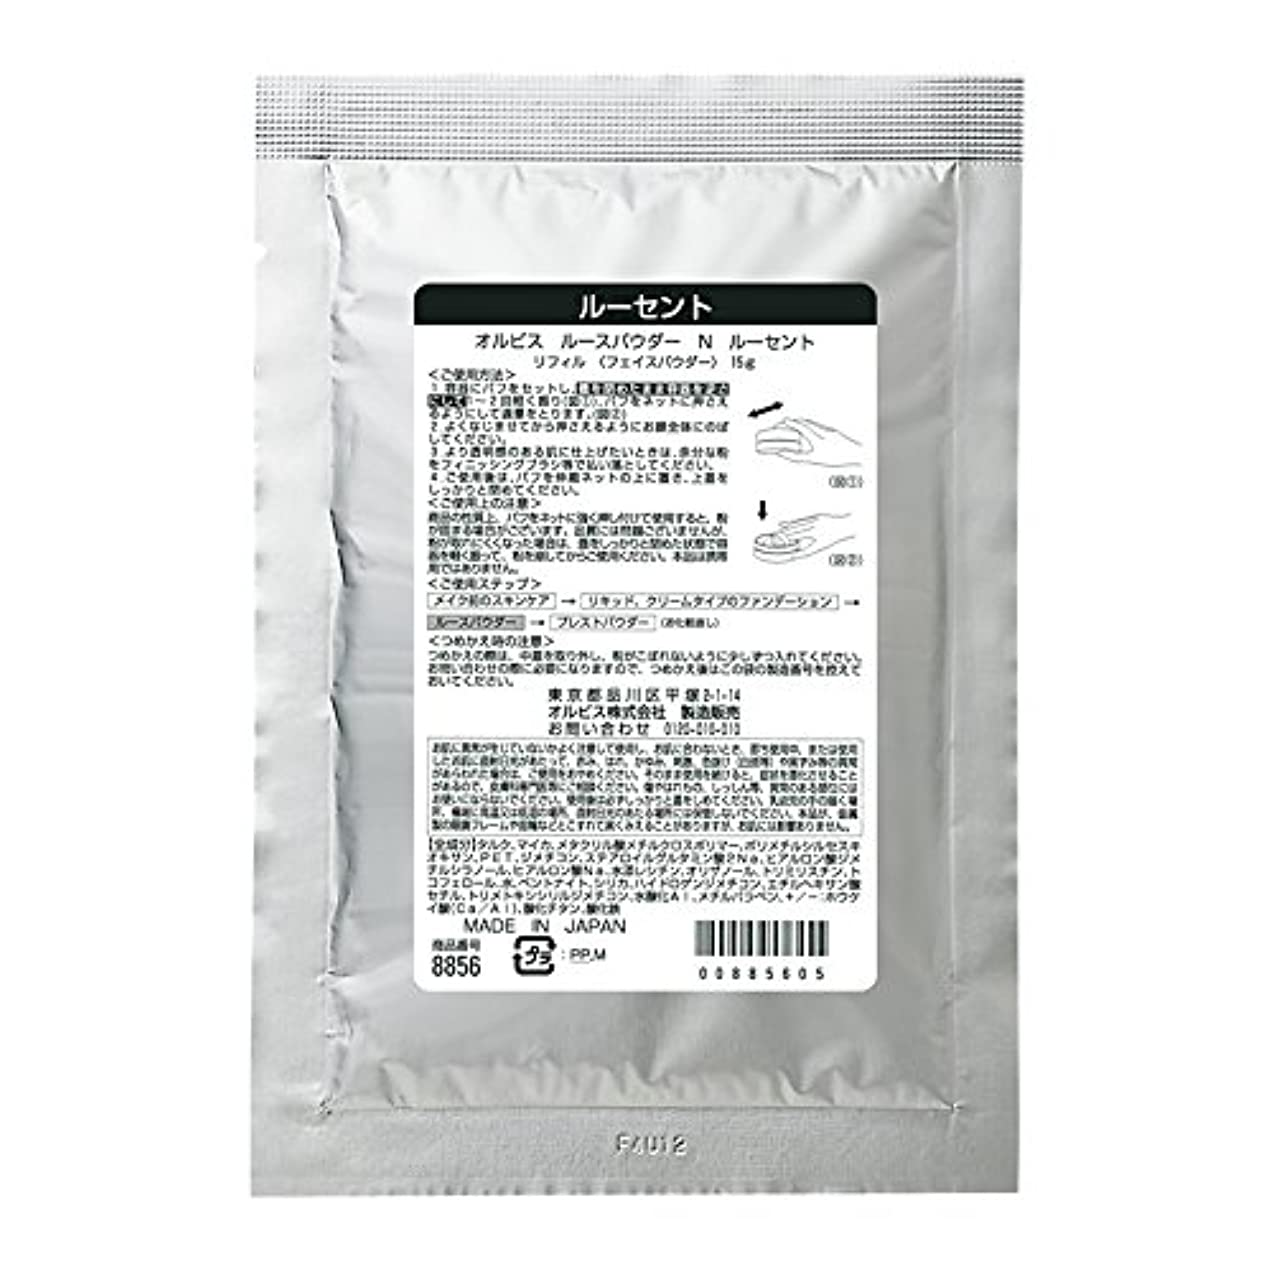 あえて豆腐招待オルビス(ORBIS) ルースパウダー リフィル(粉のみ?袋入り) ルーセント 15g